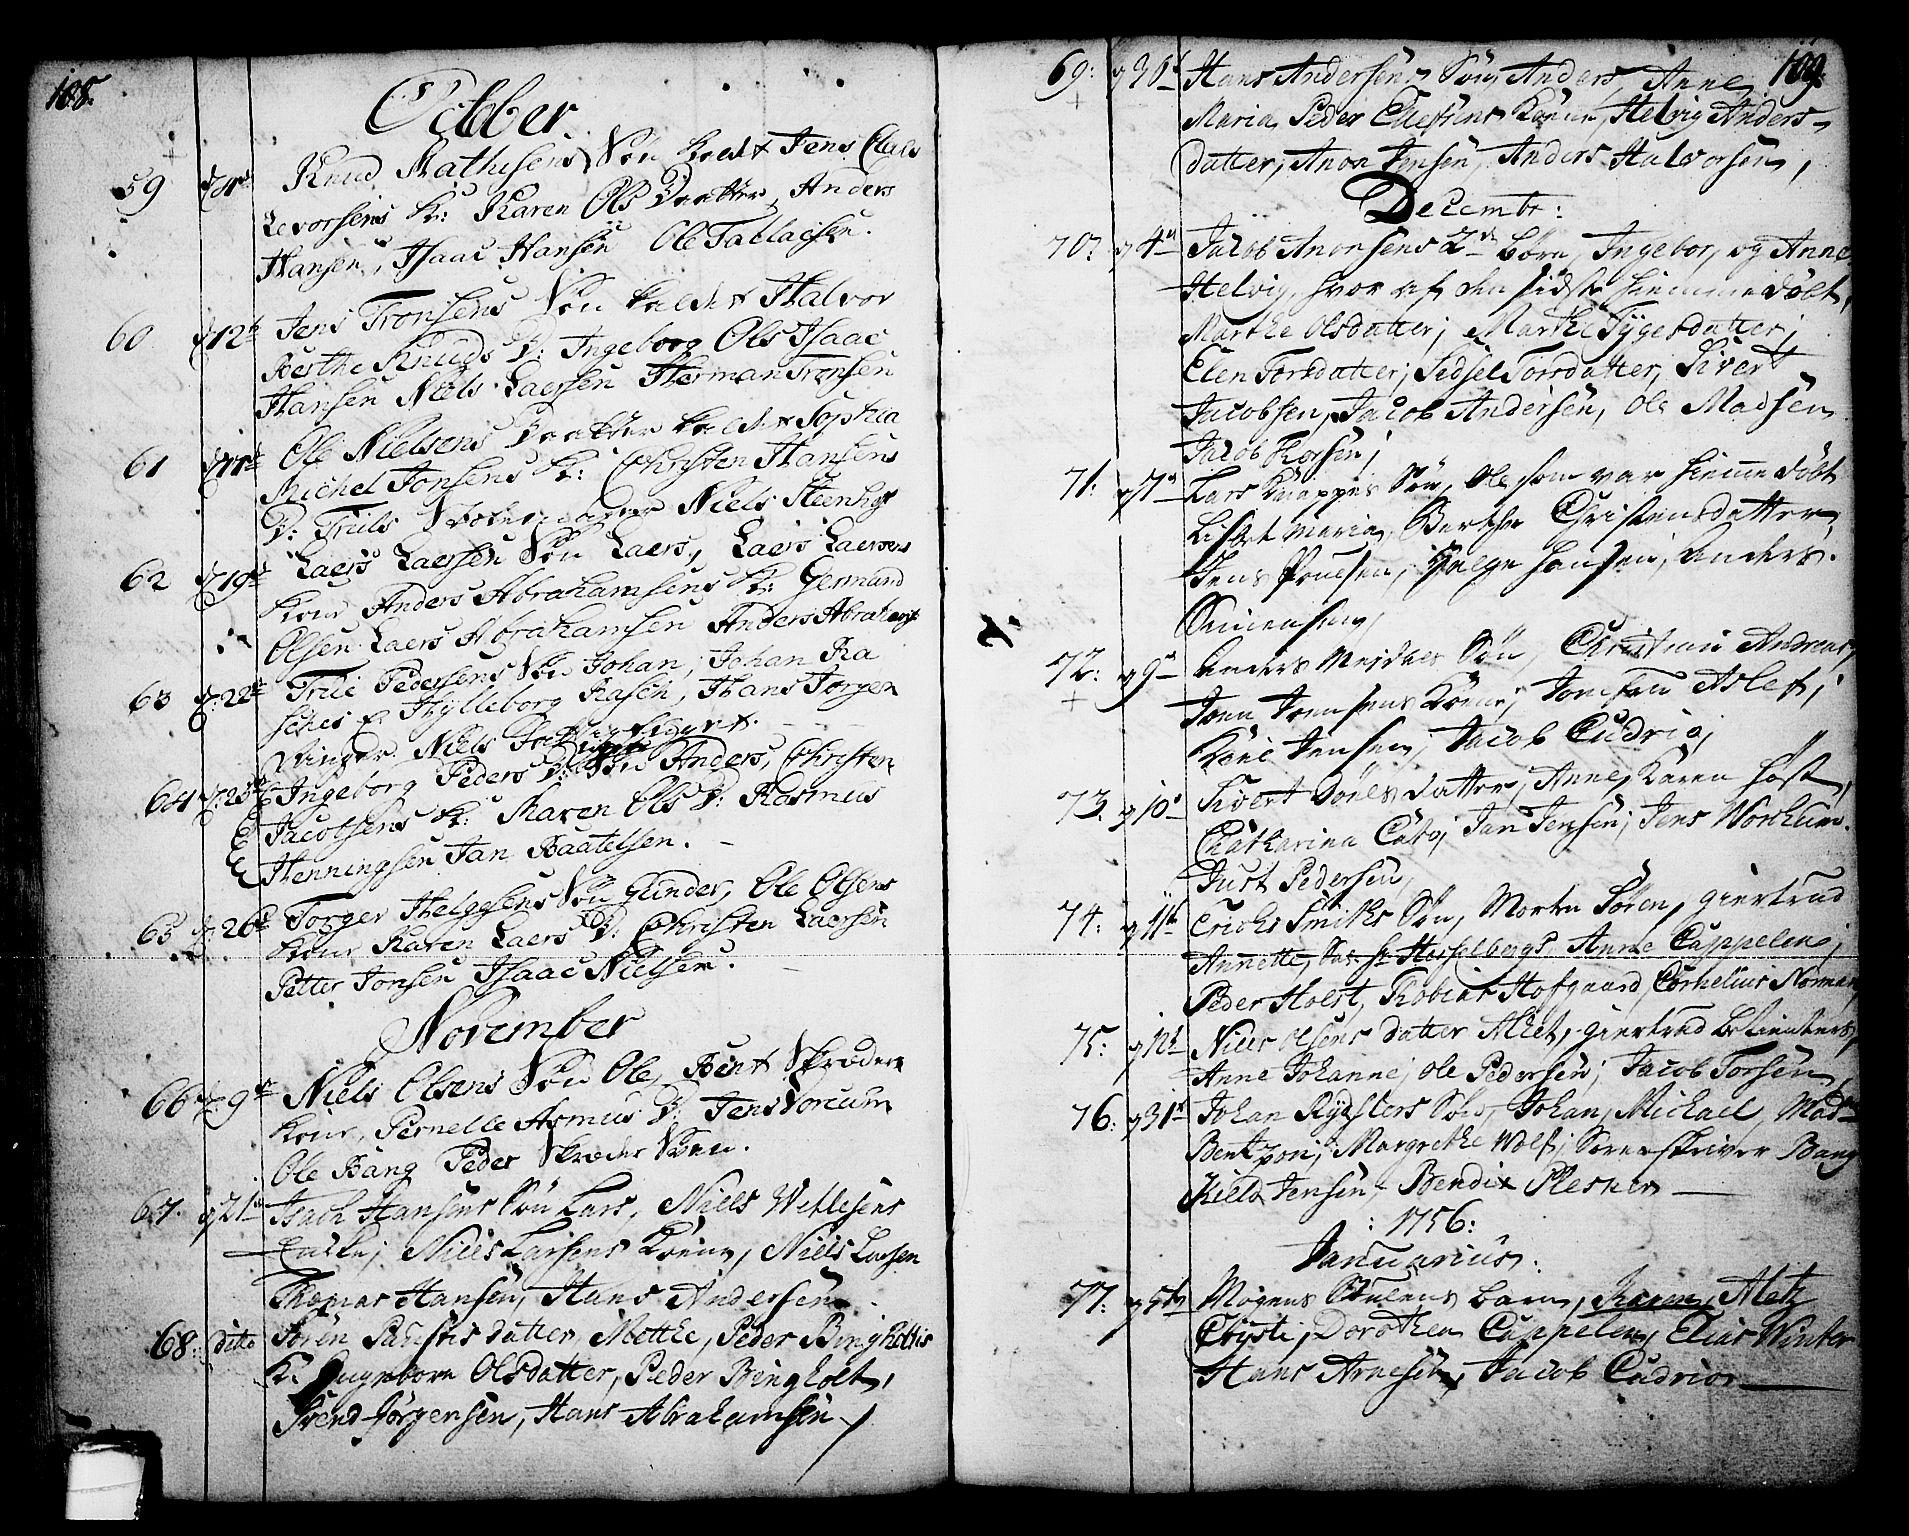 SAKO, Skien kirkebøker, F/Fa/L0003: Ministerialbok nr. 3, 1755-1791, s. 108-109